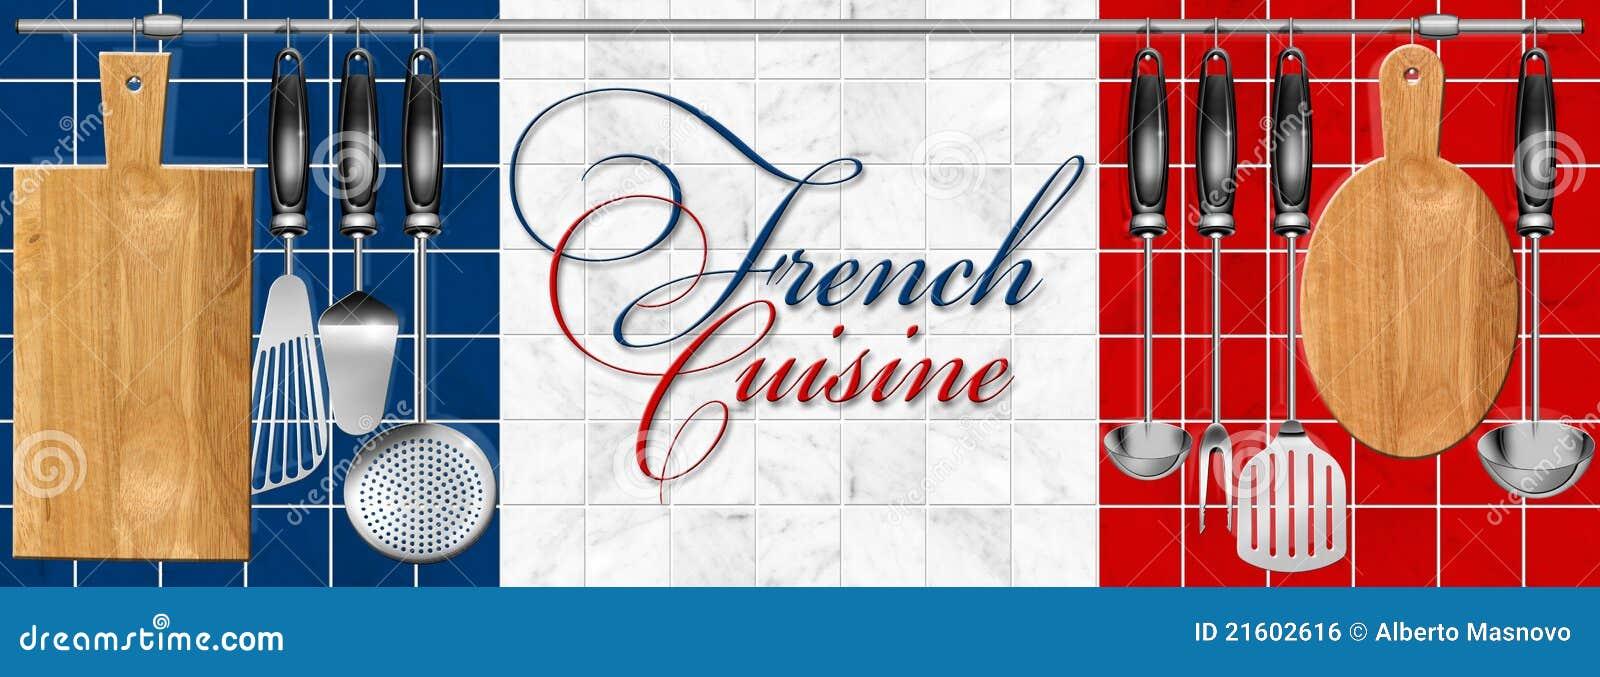 utensilios determinados de la cocina de la cocina francesa